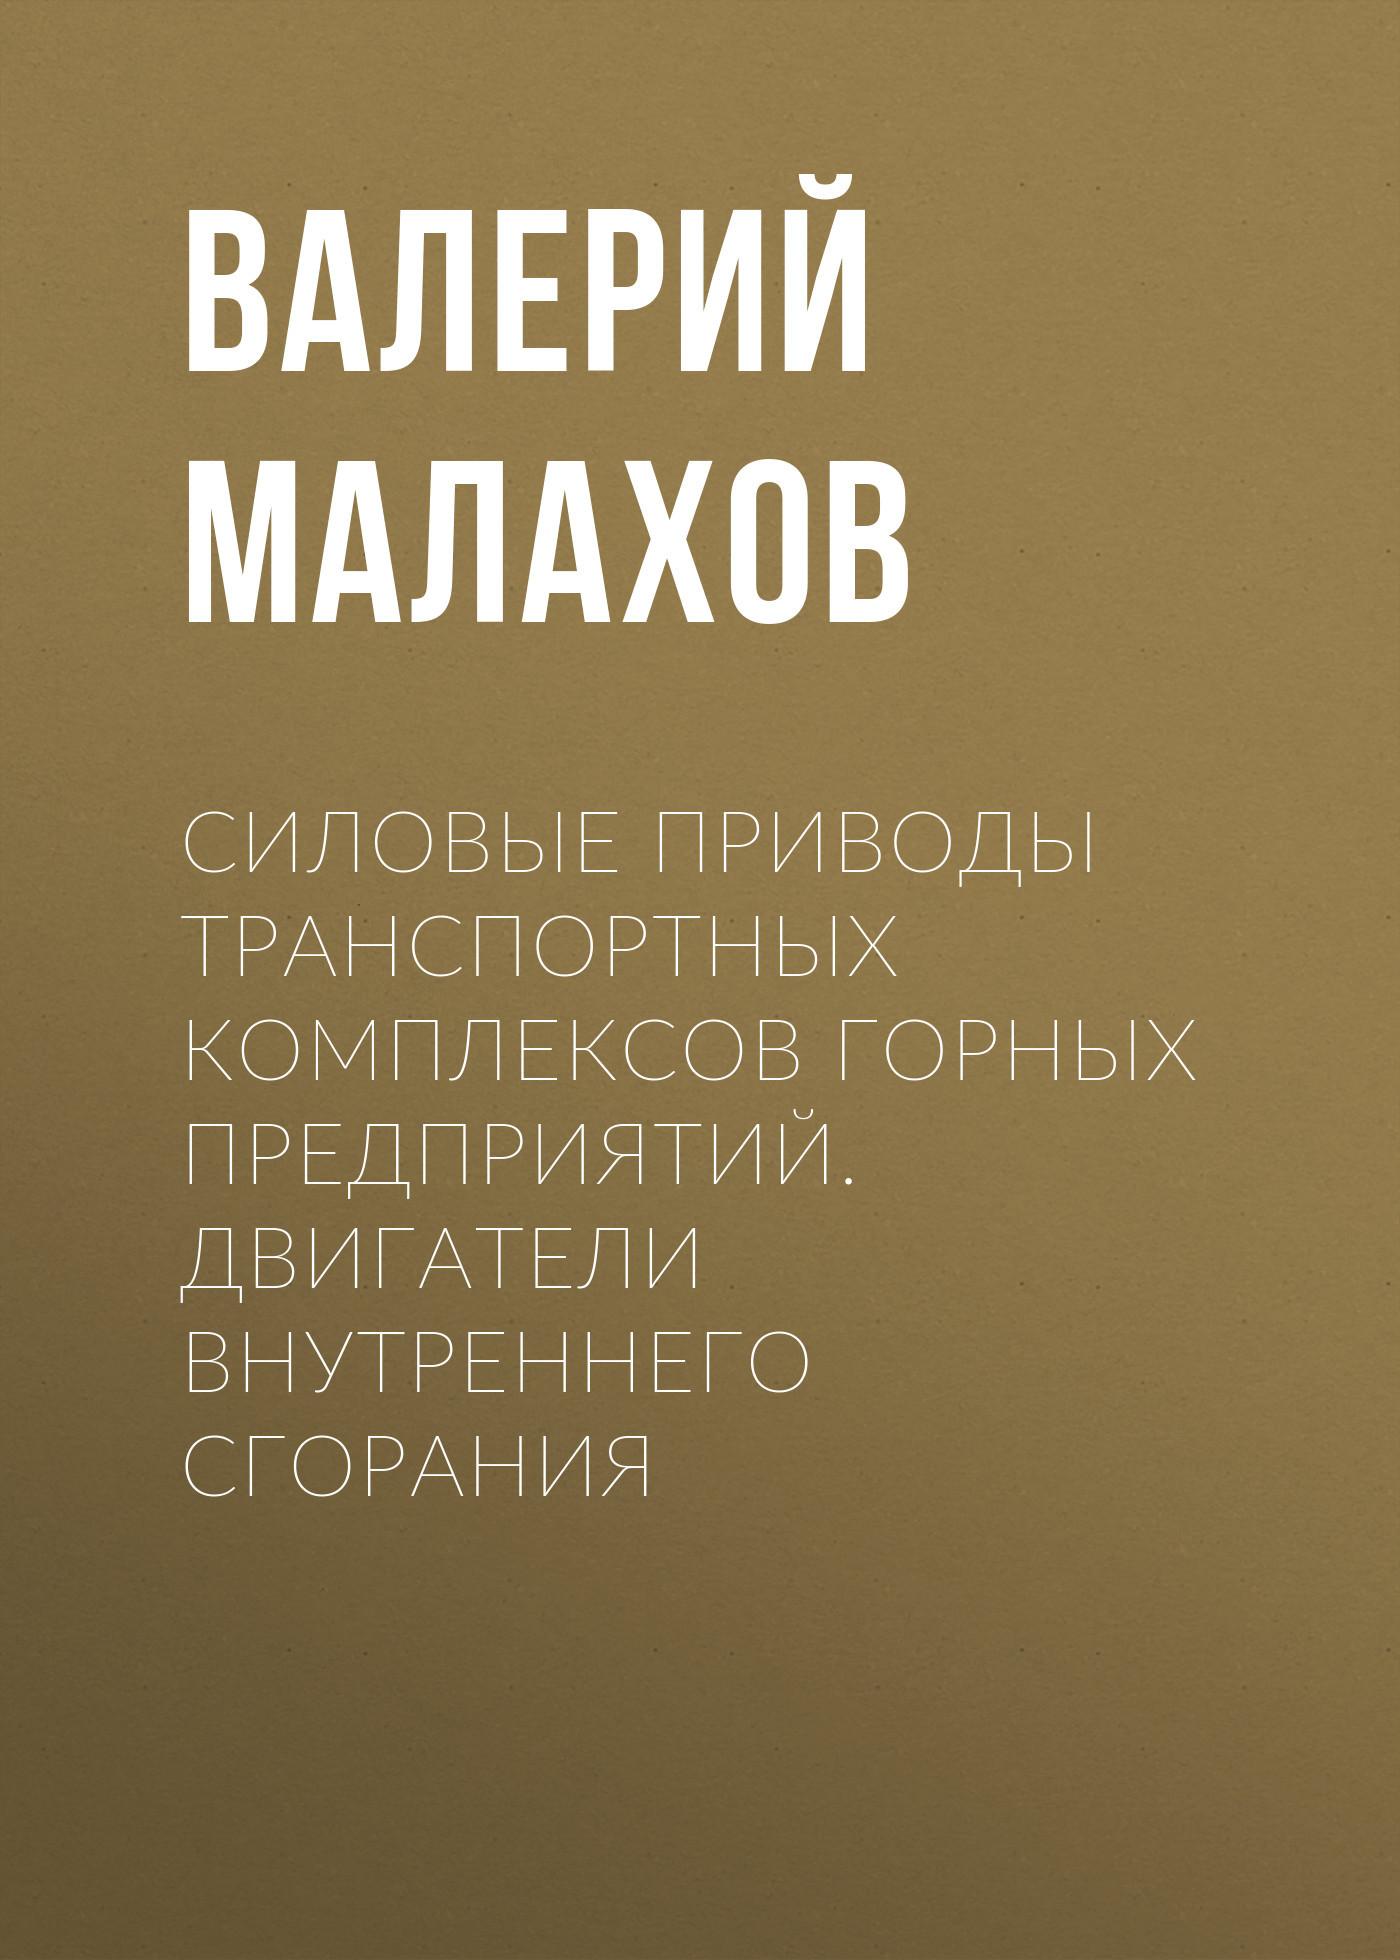 Валерий Малахов. Силовые приводы транспортных комплексов горных предприятий. Двигатели внутреннего сгорания